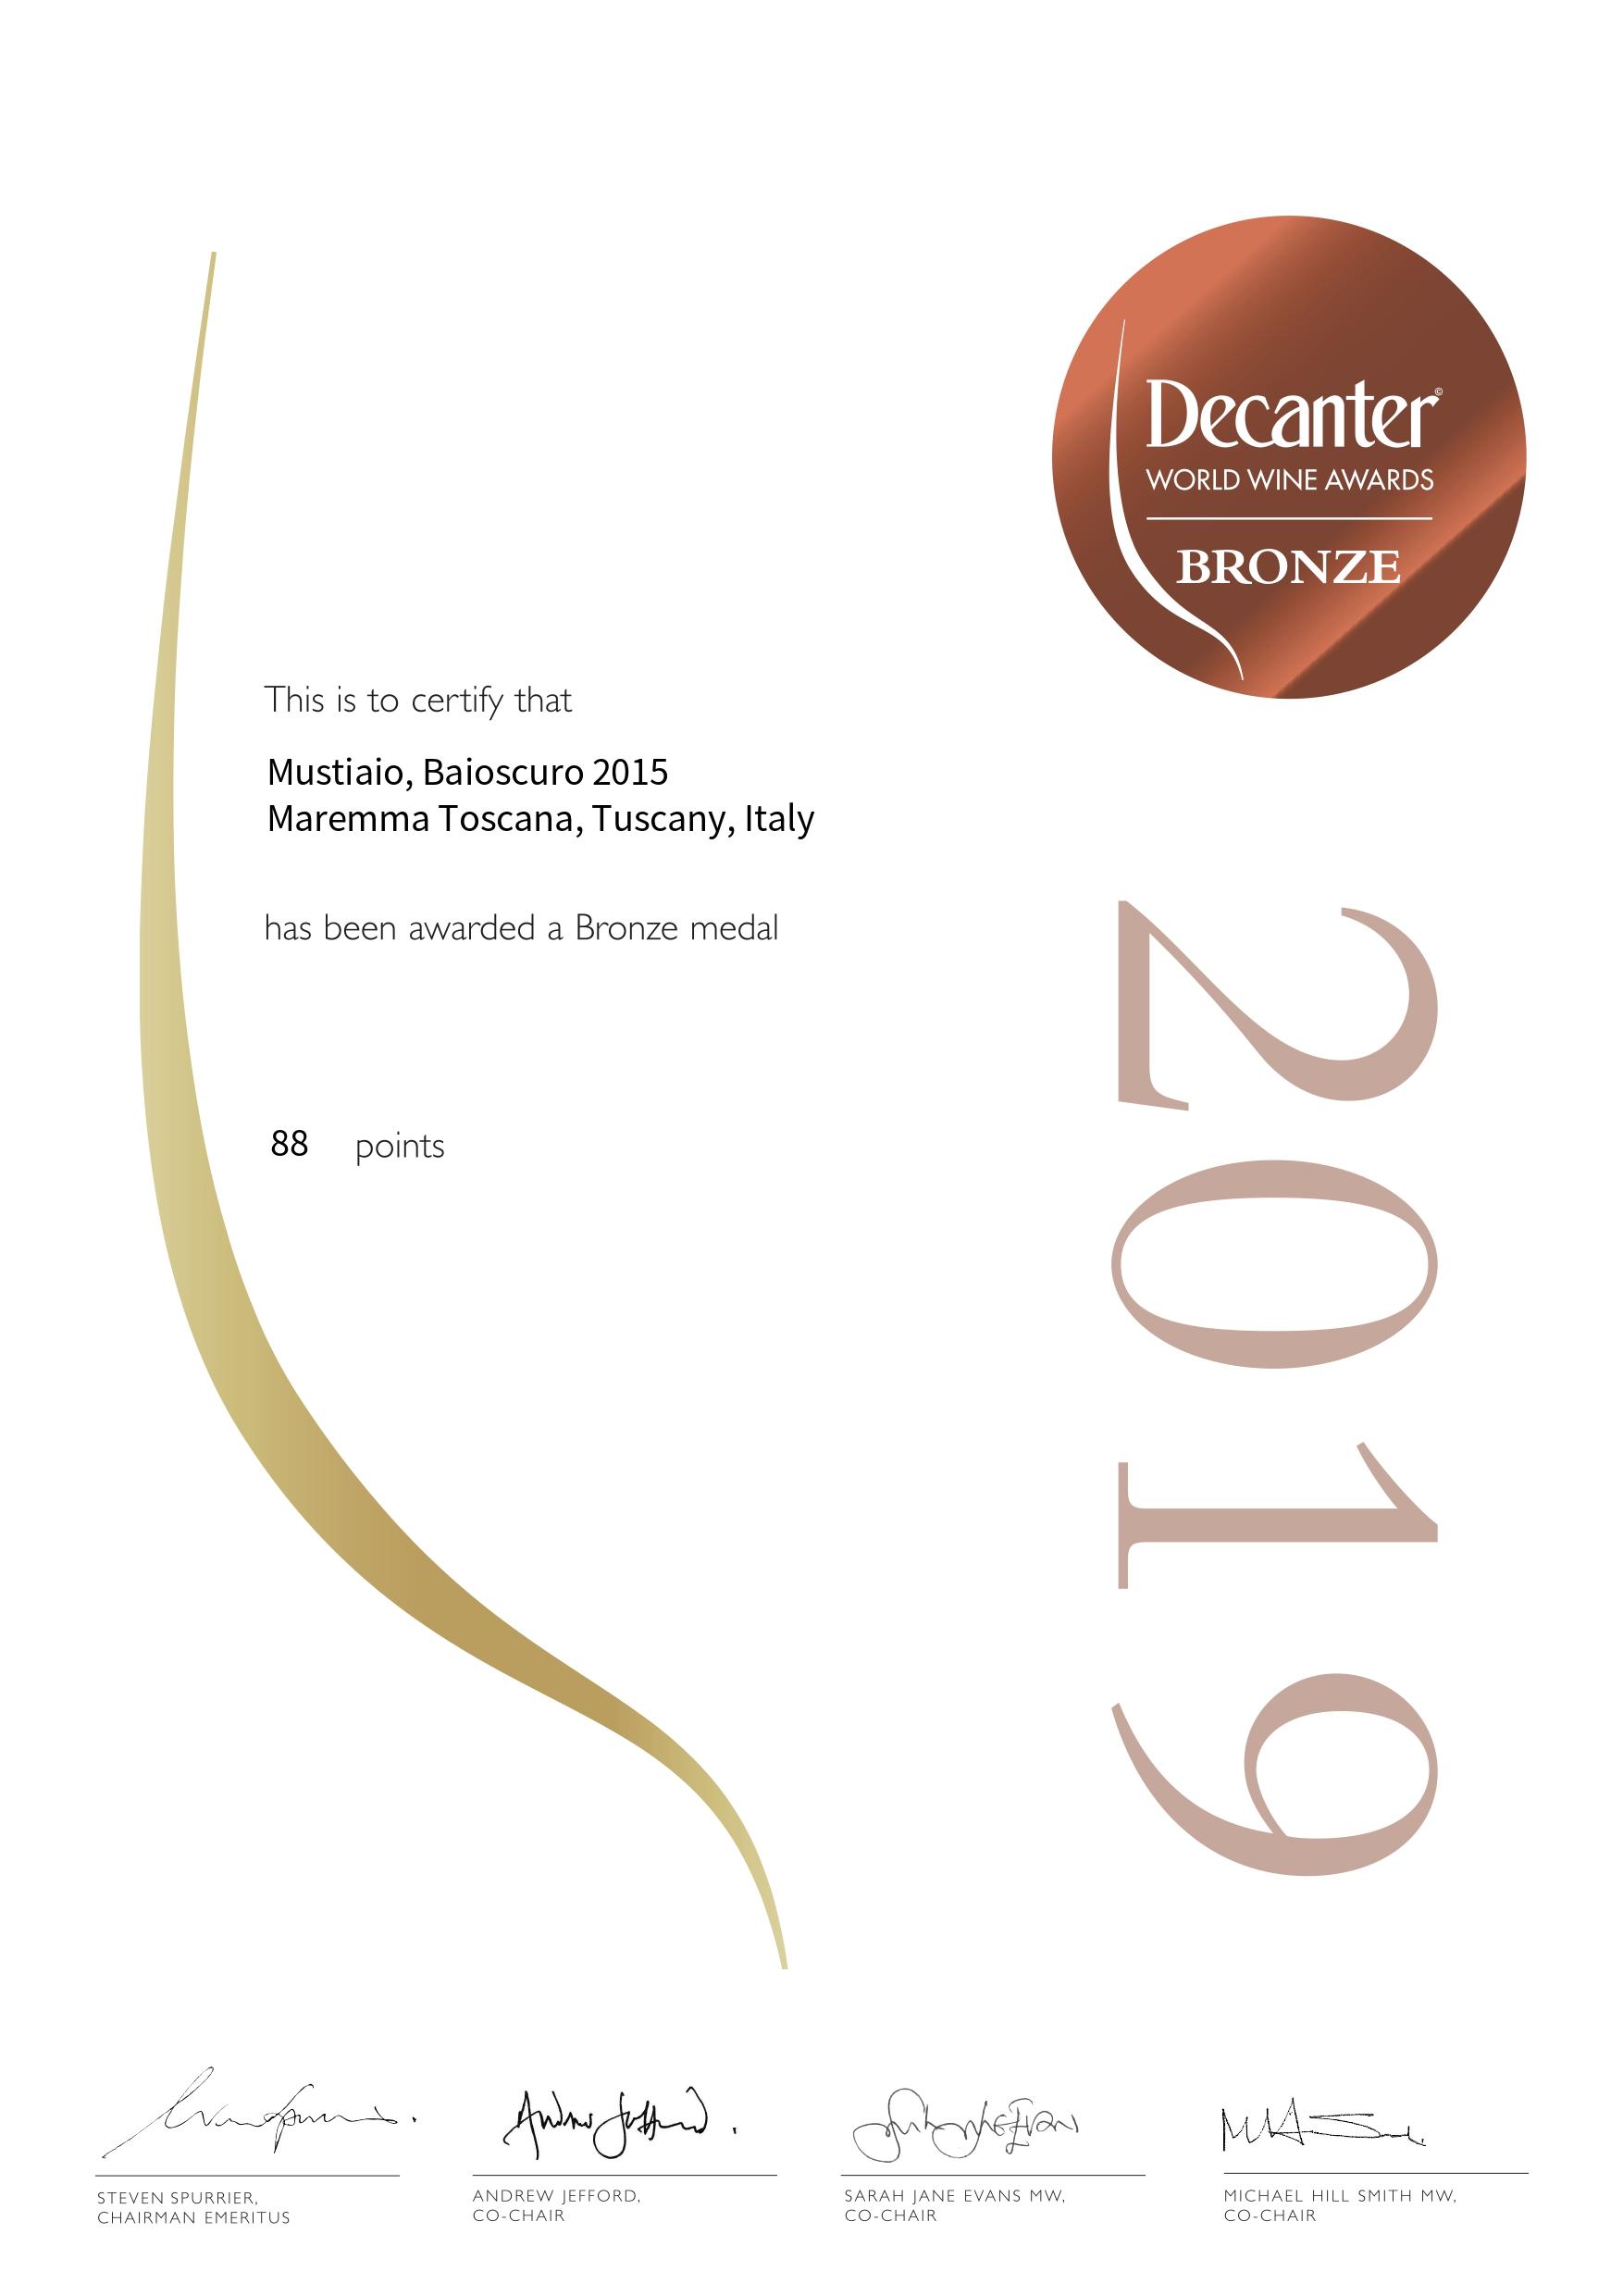 awards-decanter-2011-Baioscuro